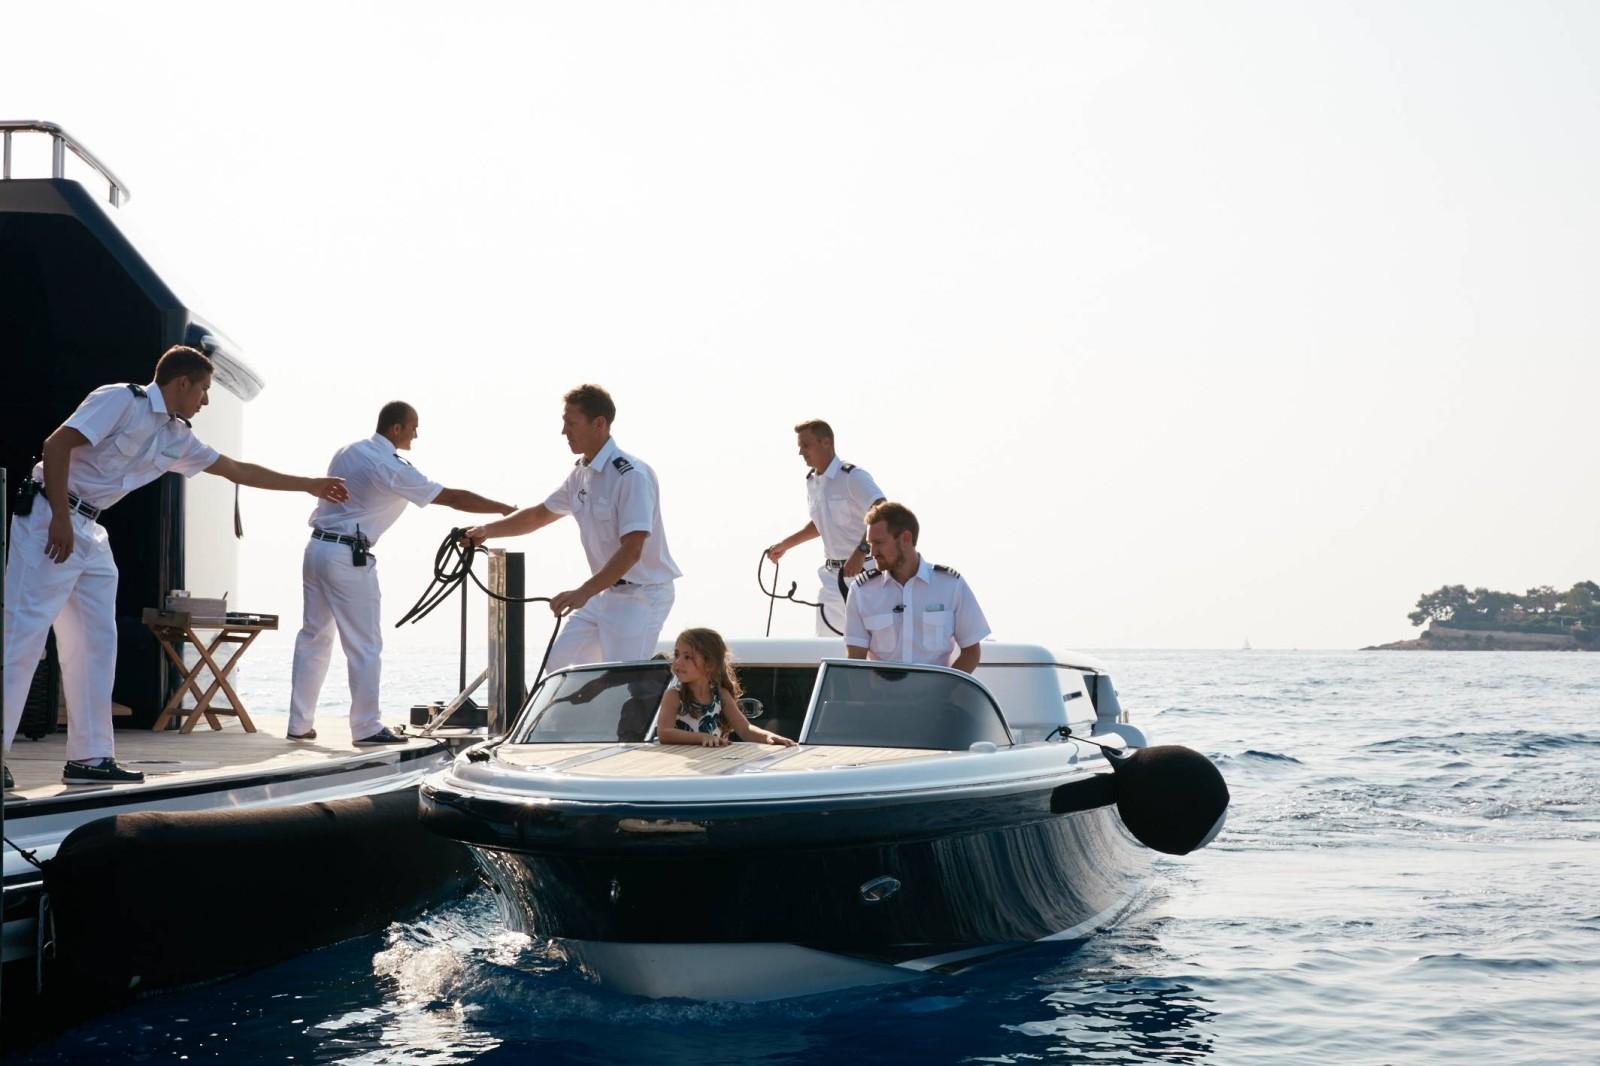 NAPRAWA ŁODZI WROCŁAW - Serwis Jachtów i Motorówek, Pełna obsługa, oferujemy pełen serwis naprawy silnika, kadałuba, awarji łodzi motorowych.